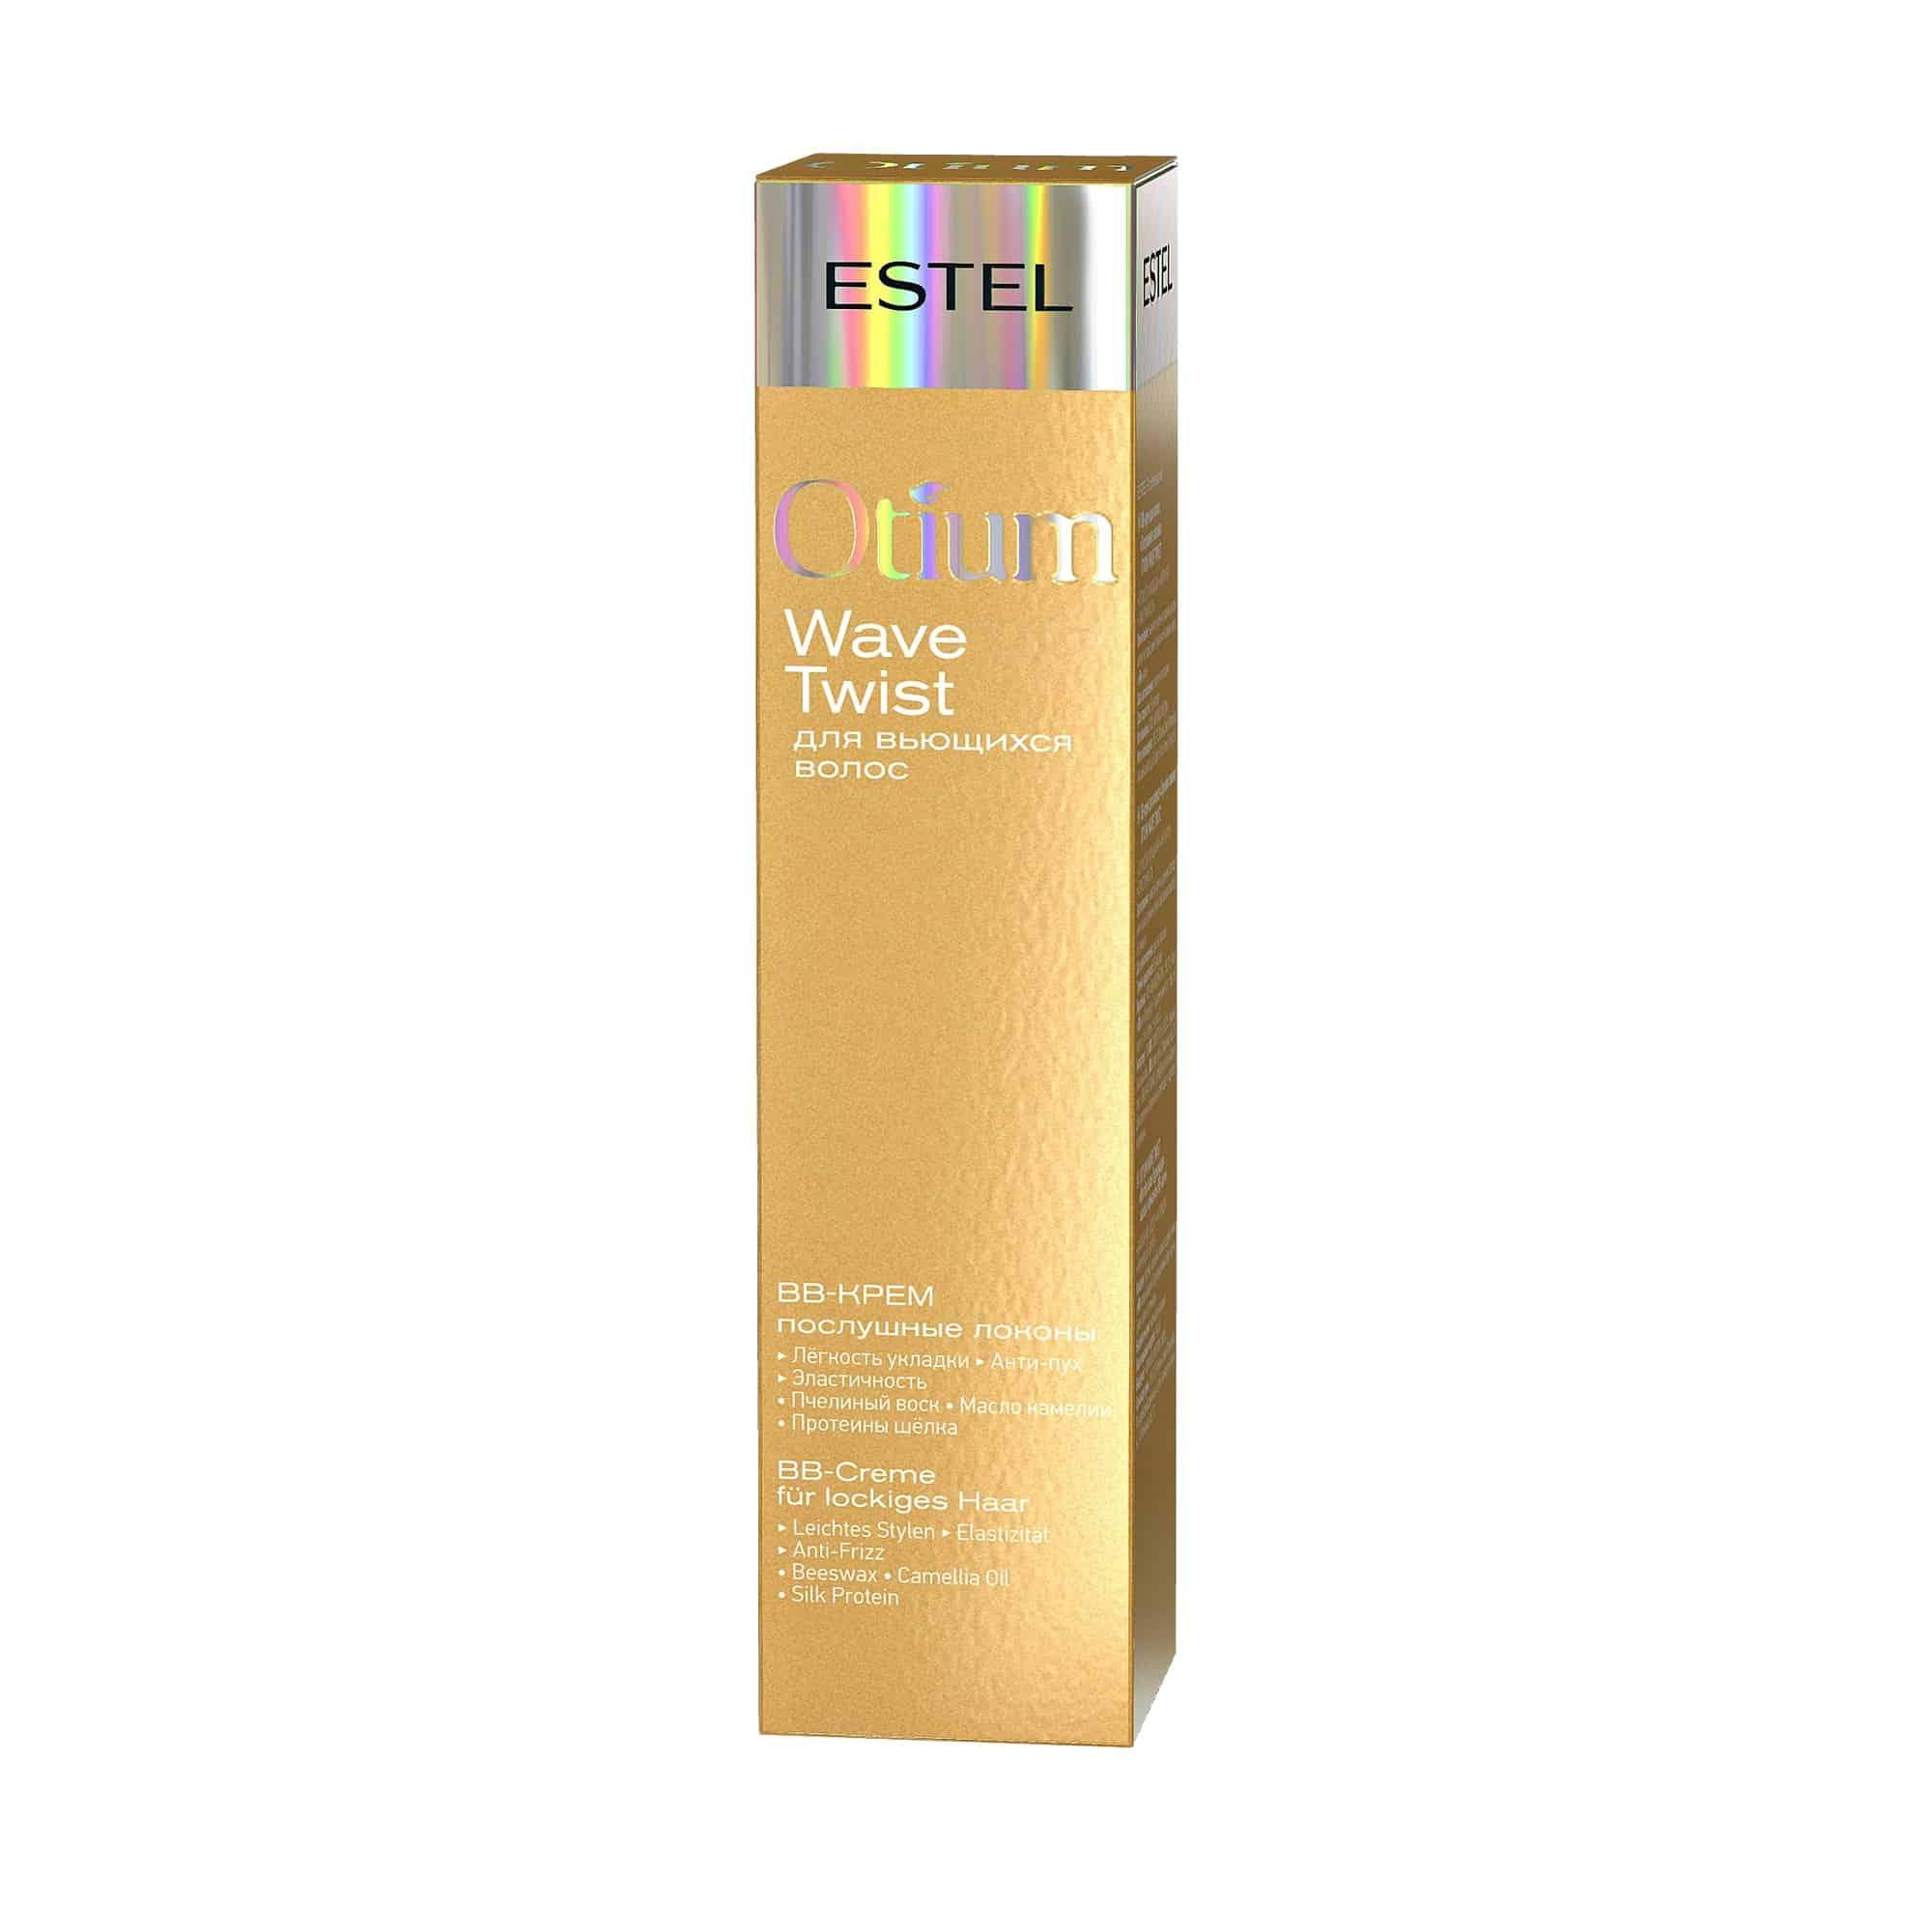 Otium Wave Twist BB-Creme für lockiges Haar von ESTEL